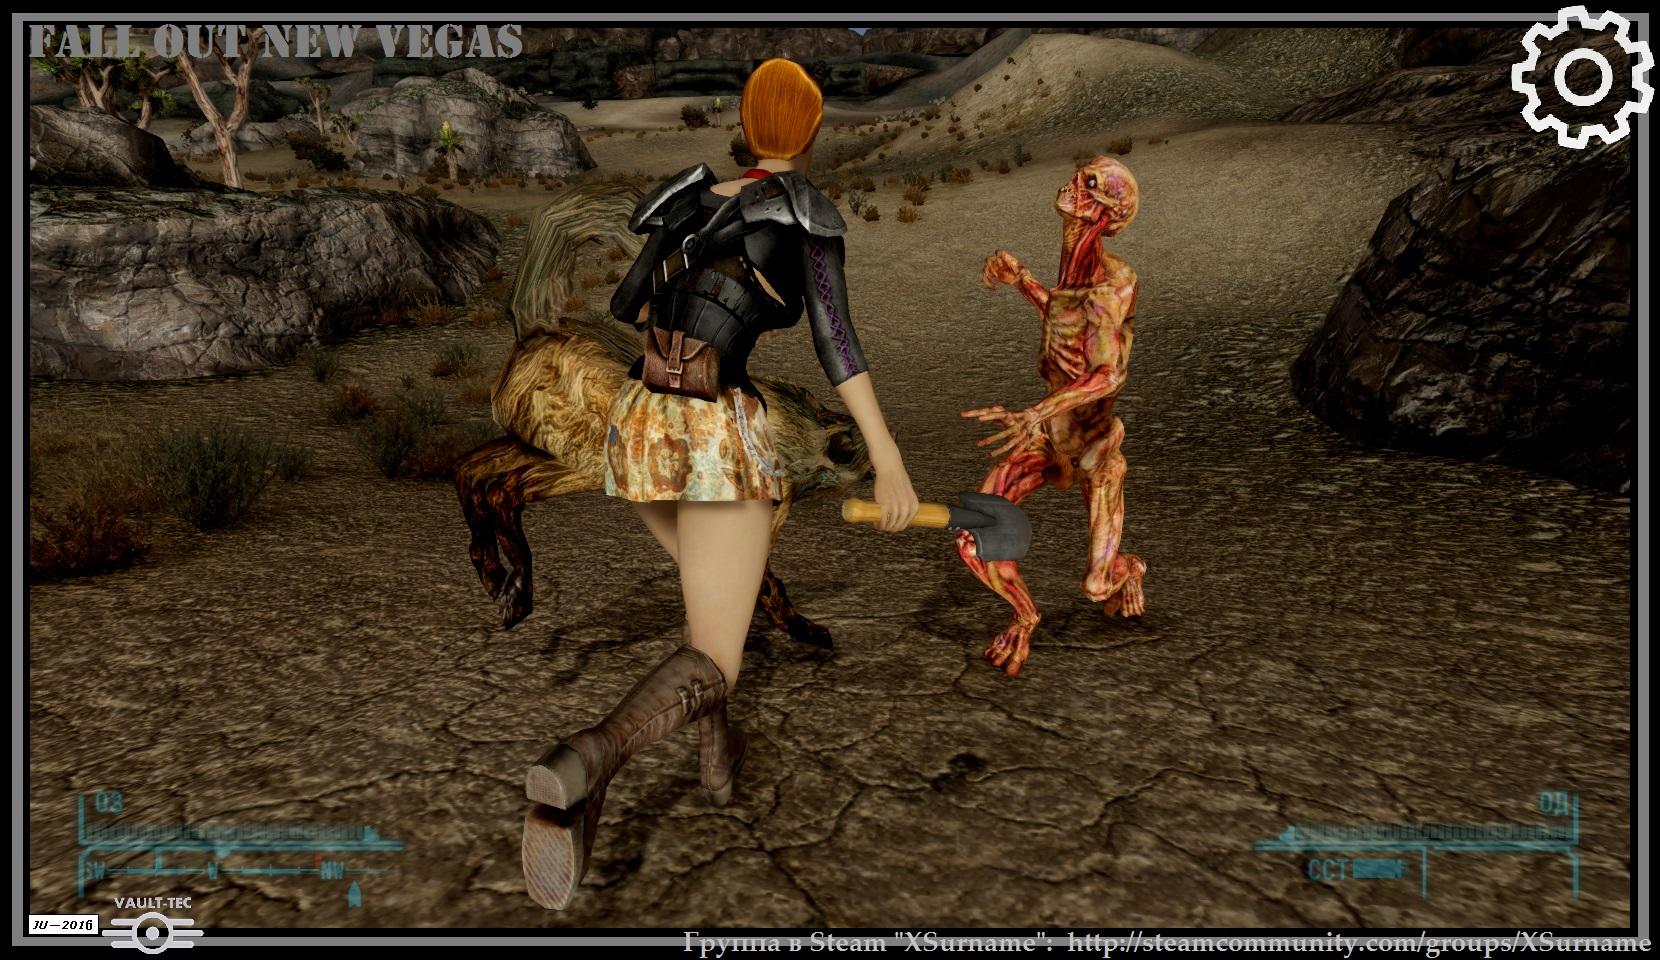 Избиение и травля гуля. 0.jpg - Fallout: New Vegas гуль, лопата, Мак Насильник, пёс, собака